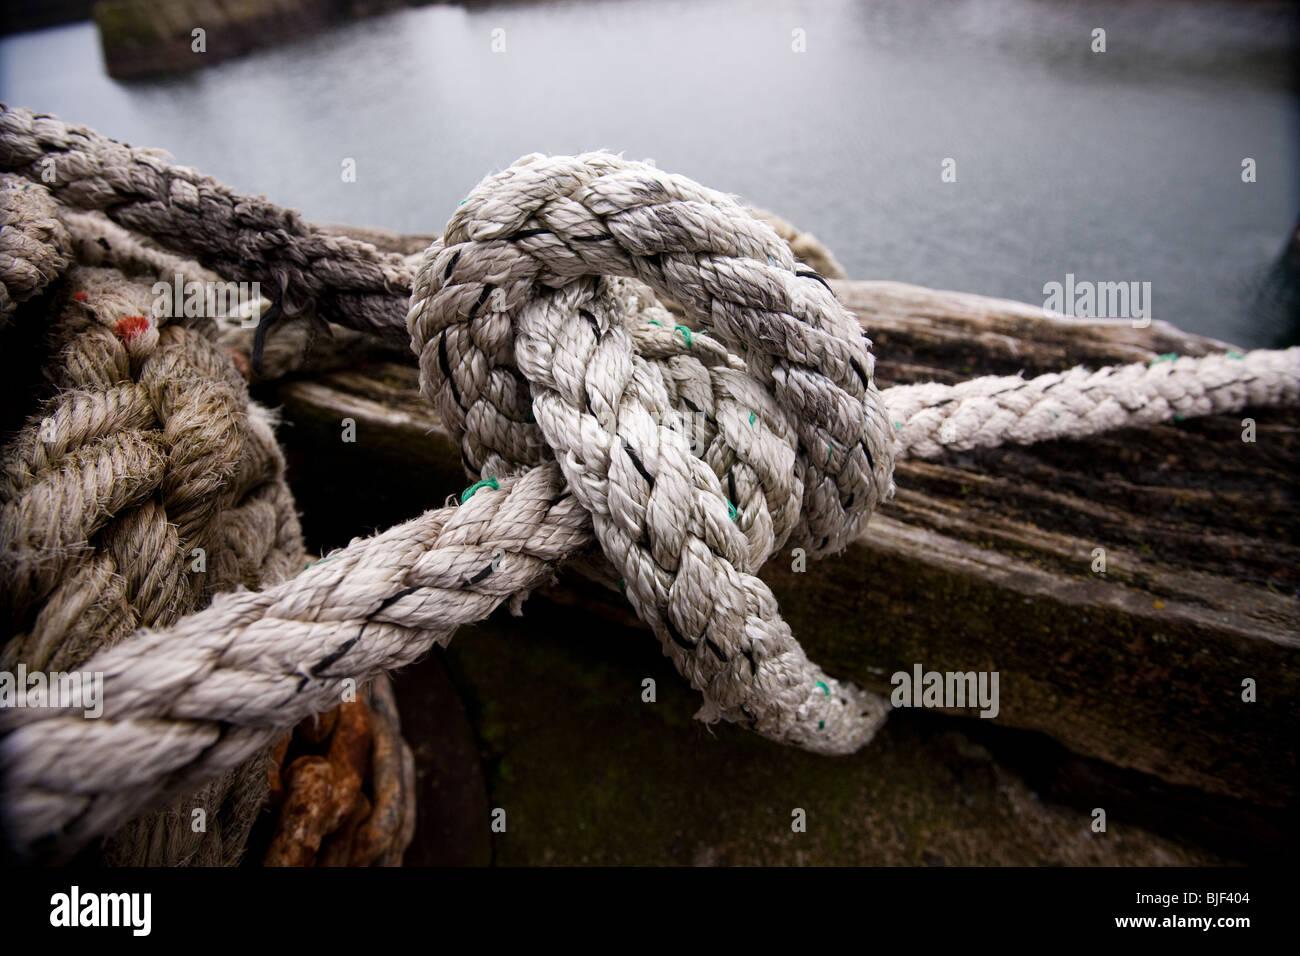 El Knott y cuerda, St Abbs, Eyemouth, Berwickshire, Inglaterra Imagen De Stock